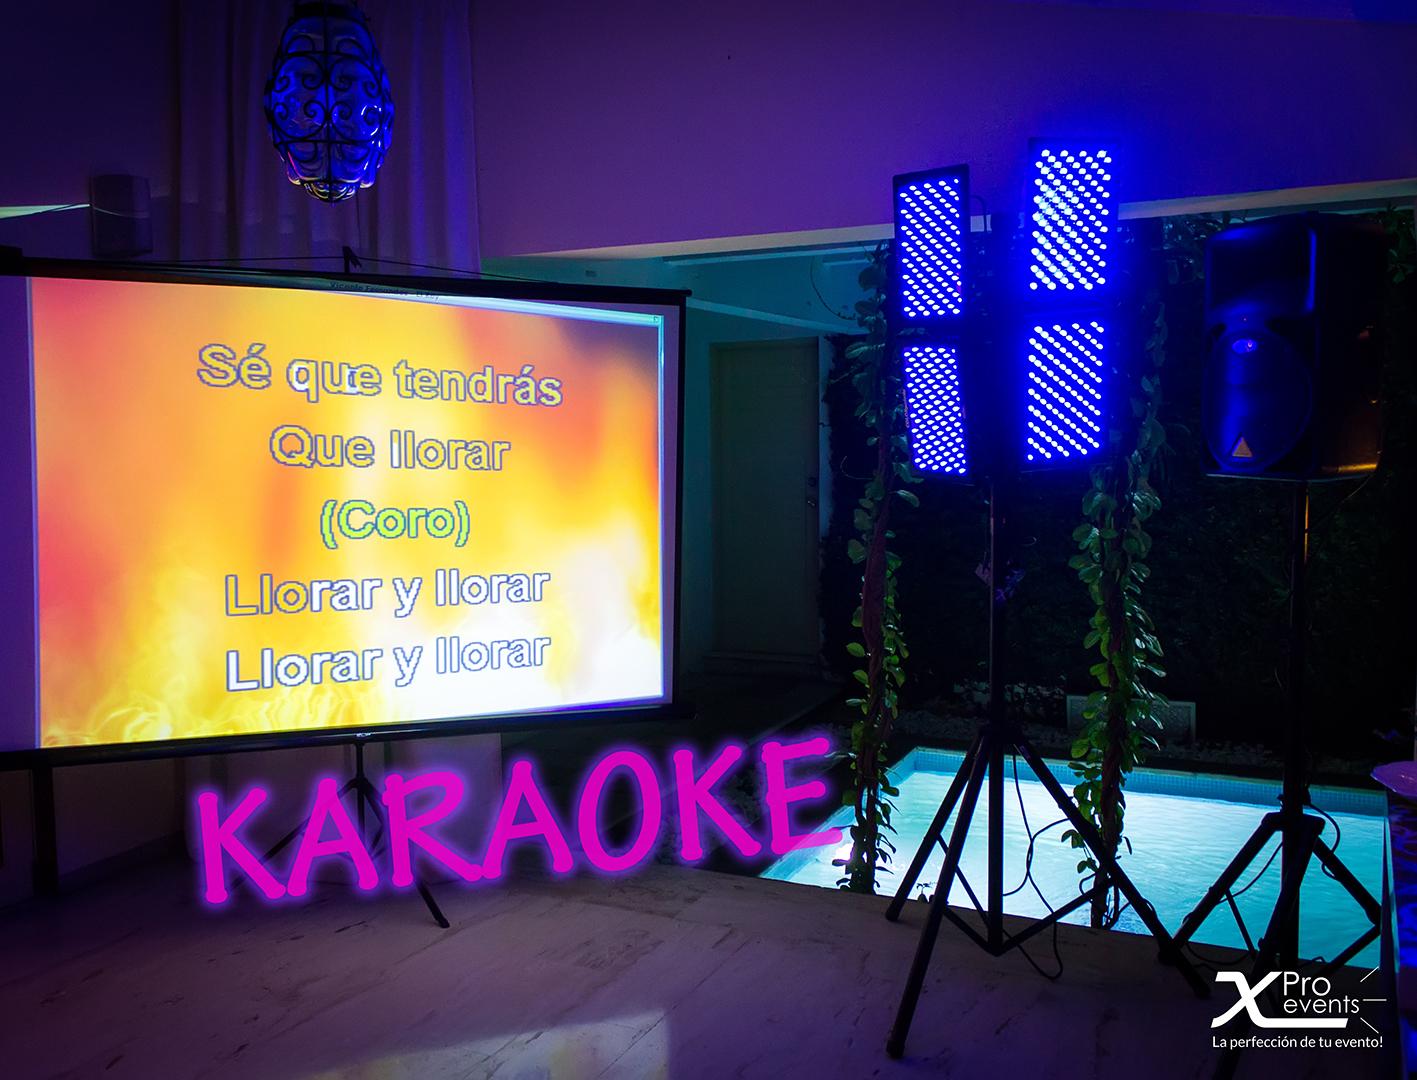 www.Xproevents.com - Karaoke para eventos.jpg